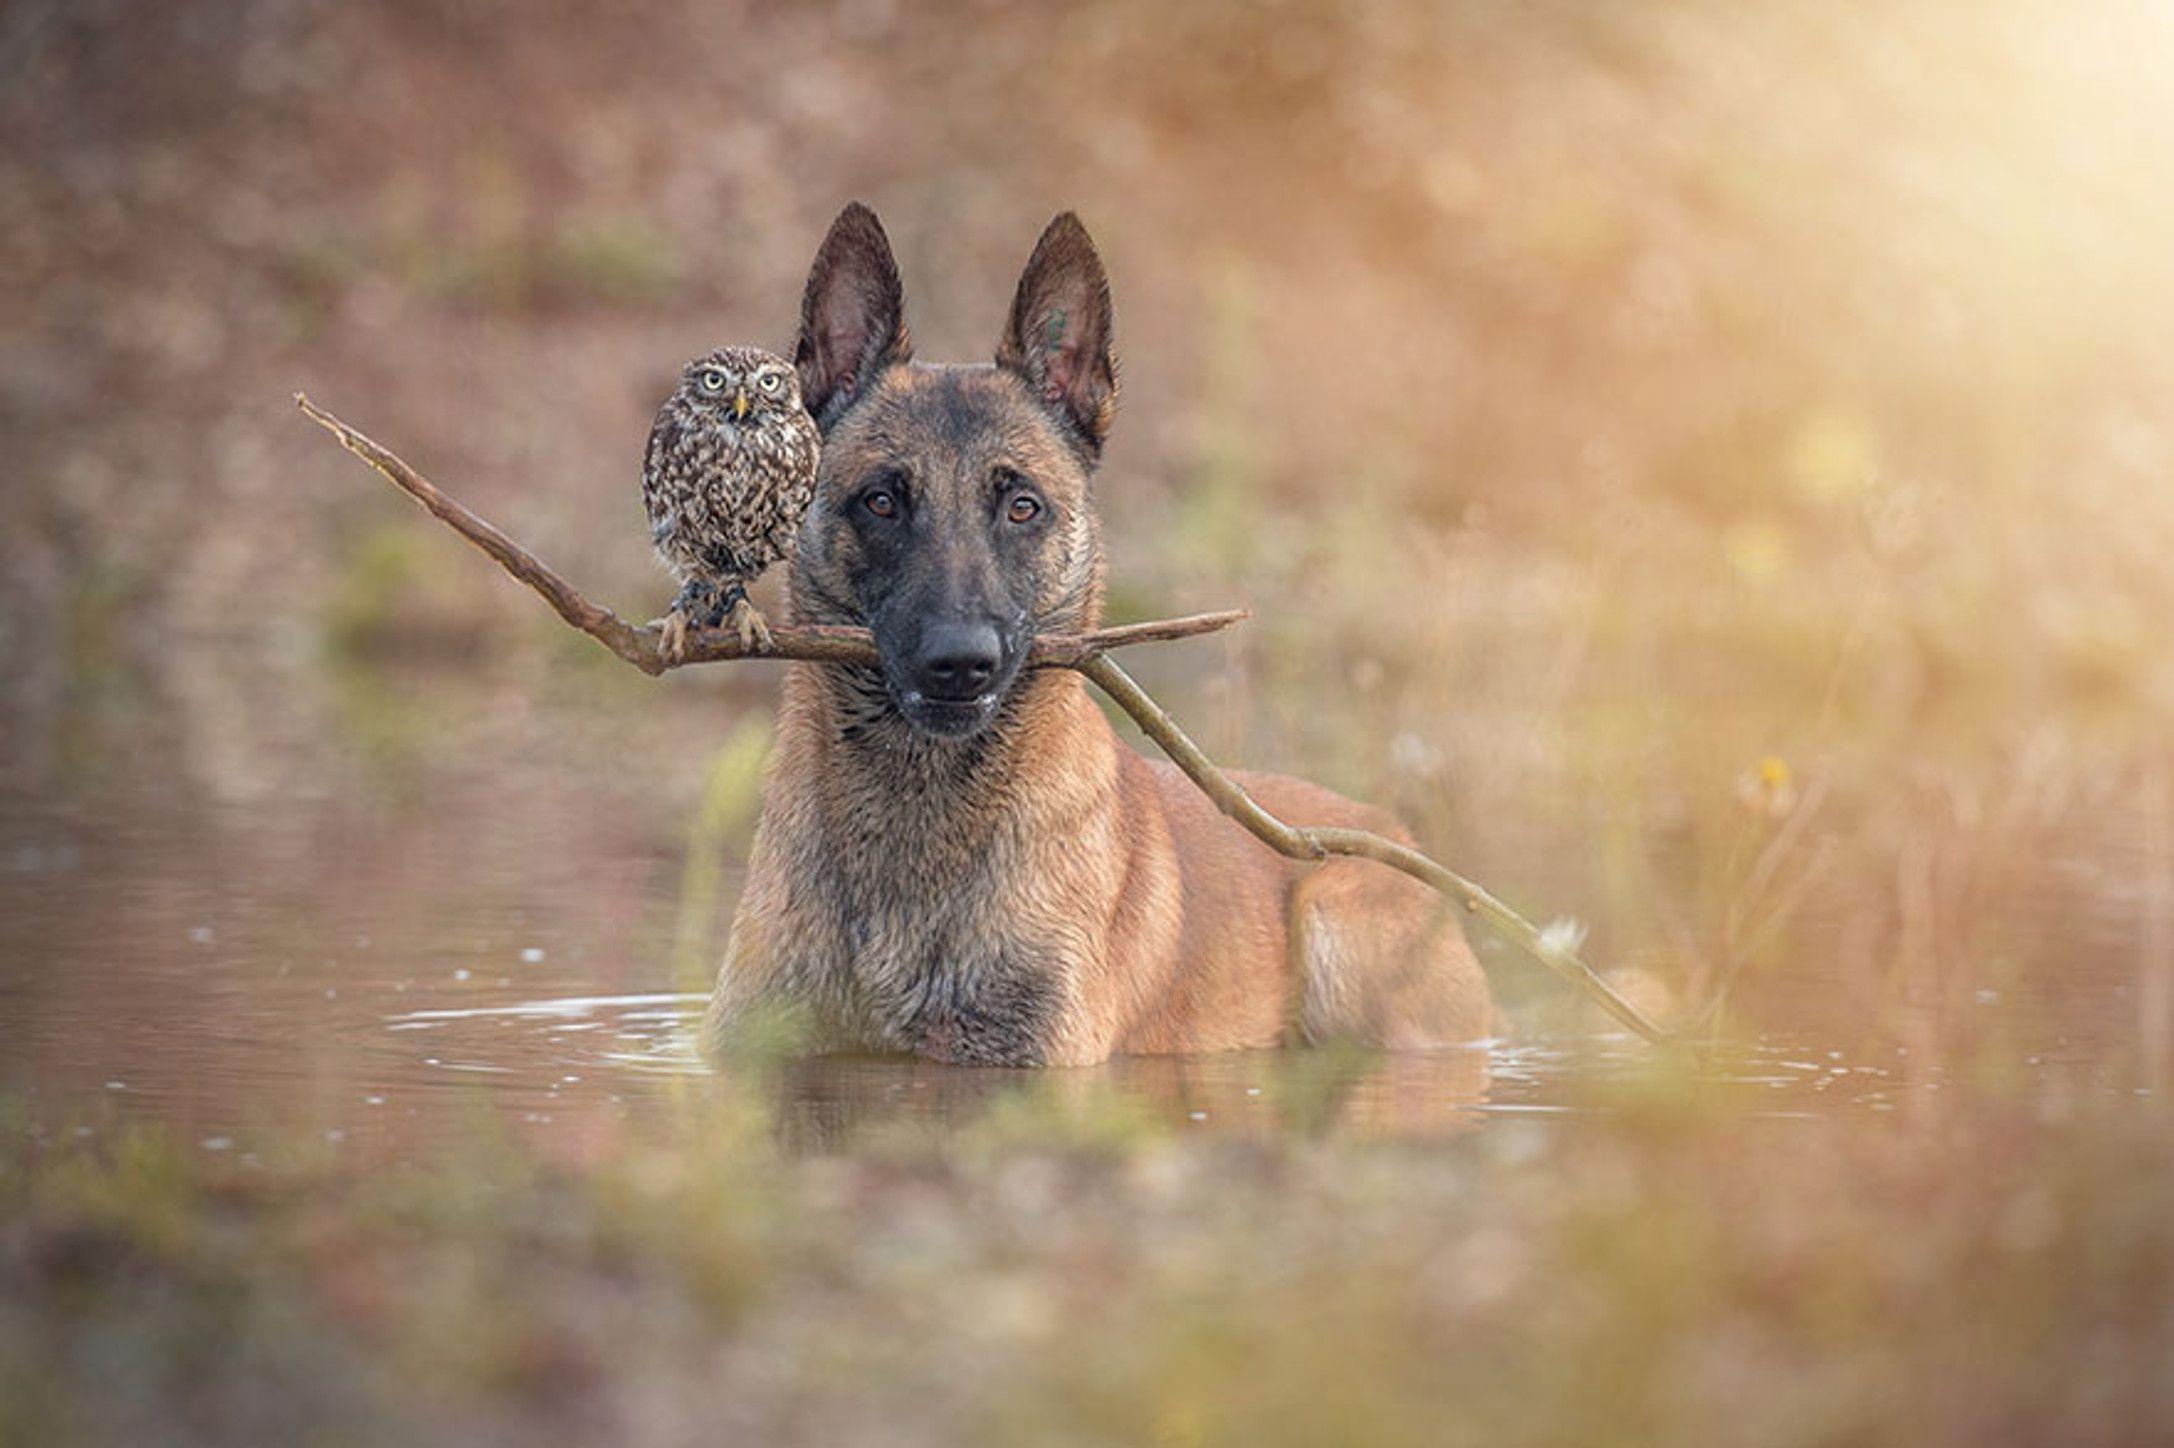 странные картинки с собаками побогаче, переезжают окраины